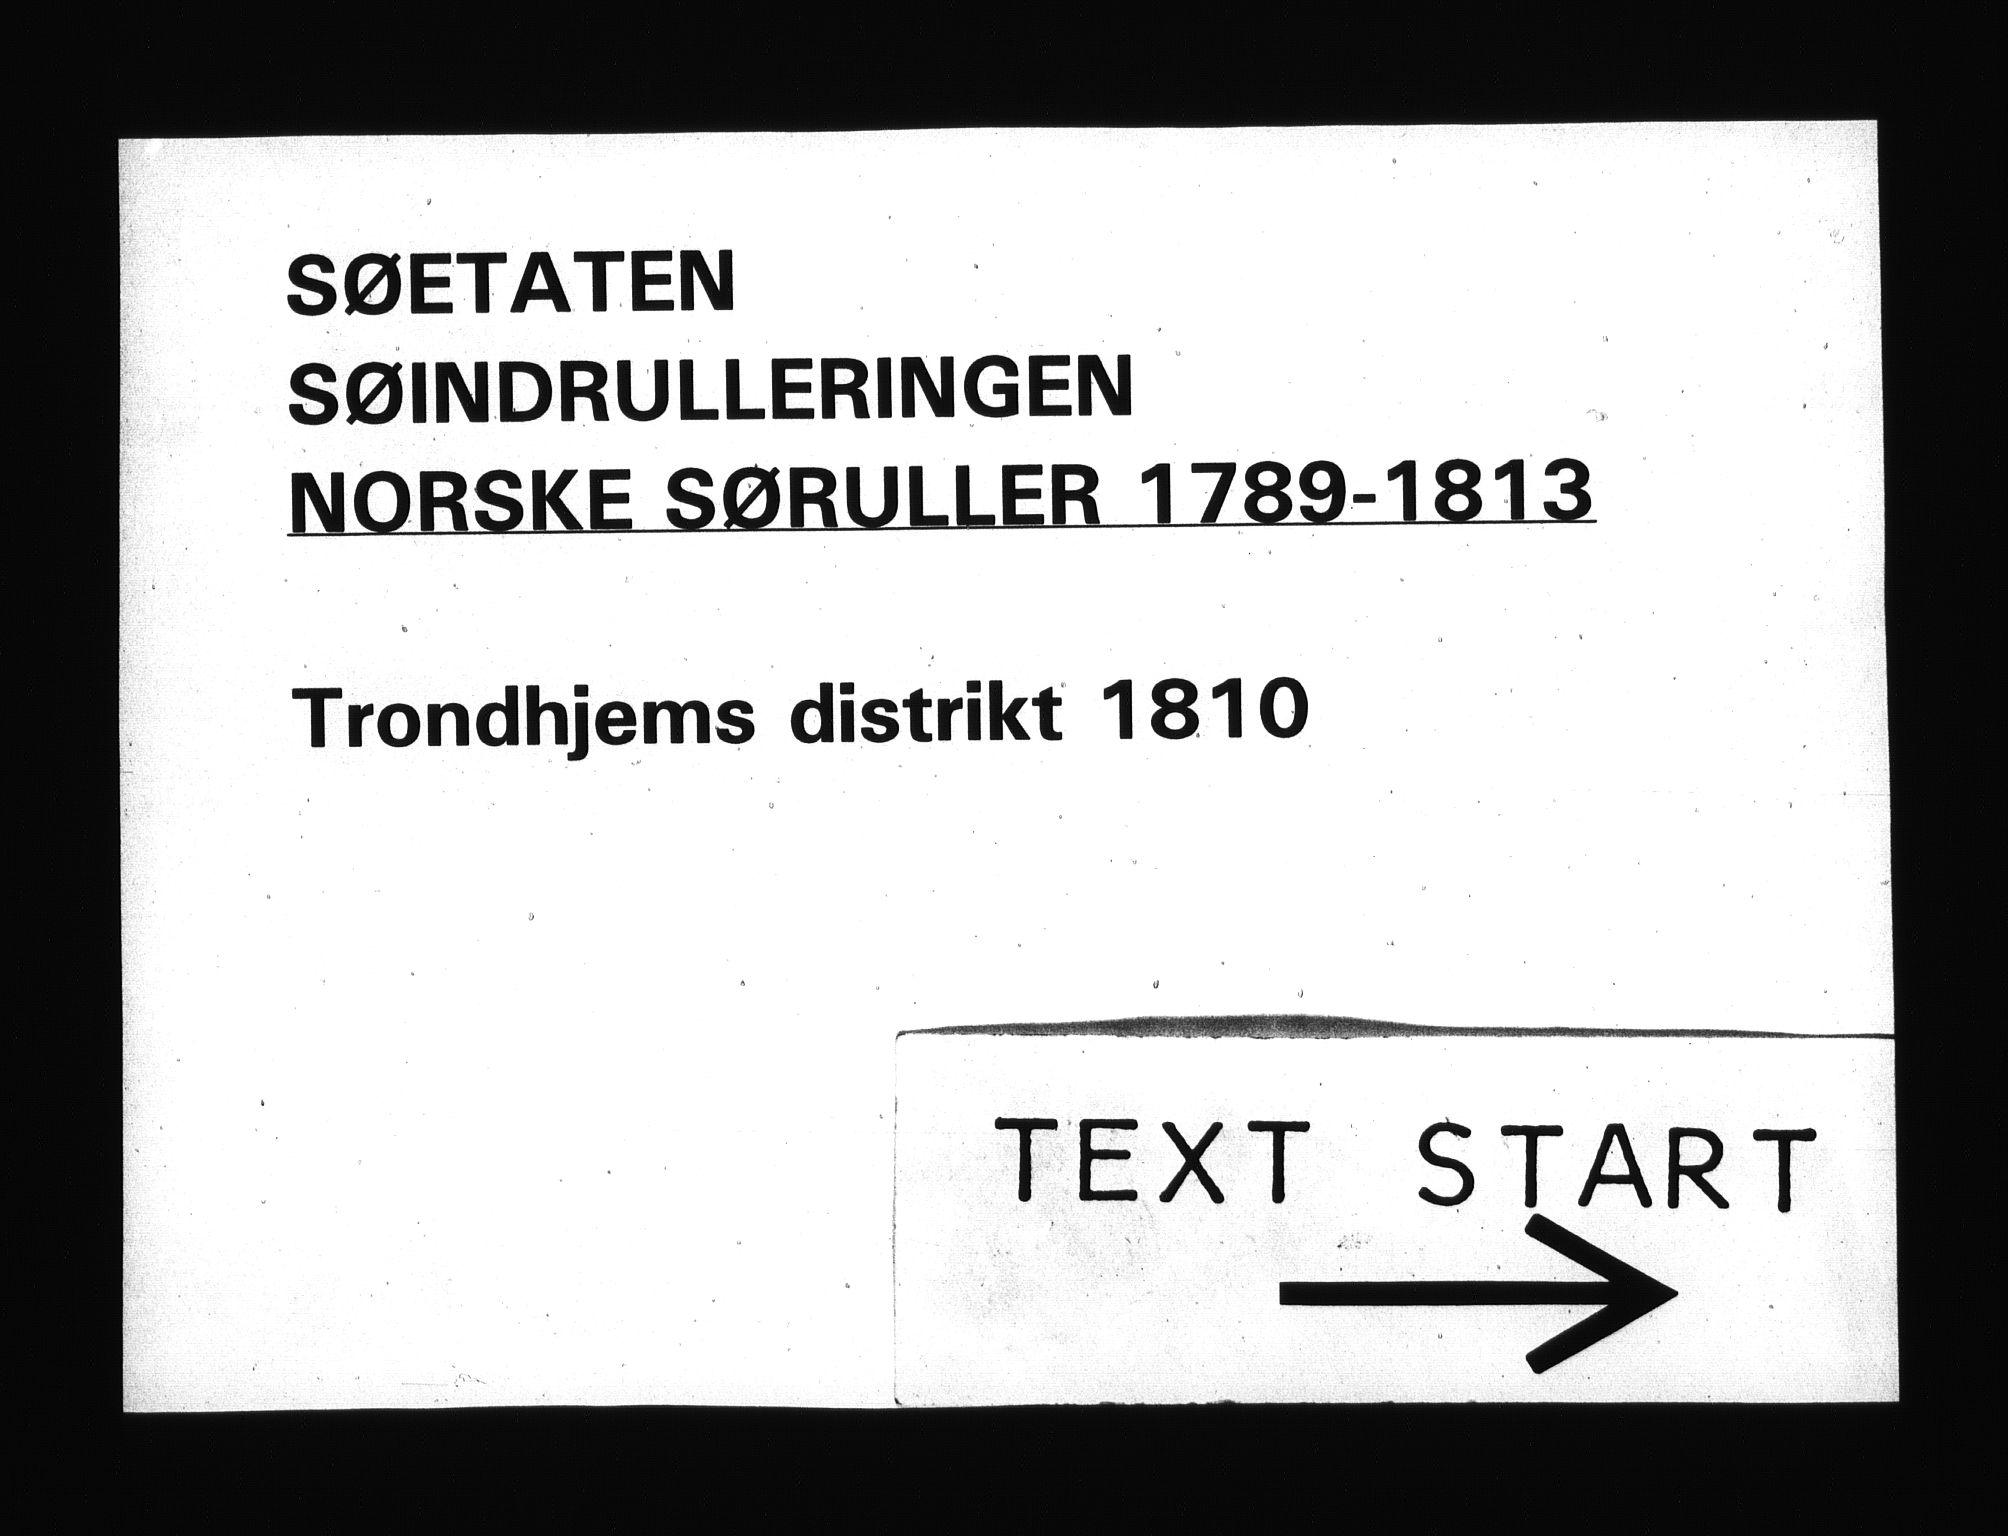 RA, Sjøetaten, F/L0337: Trondheim distrikt, bind 1, 1810